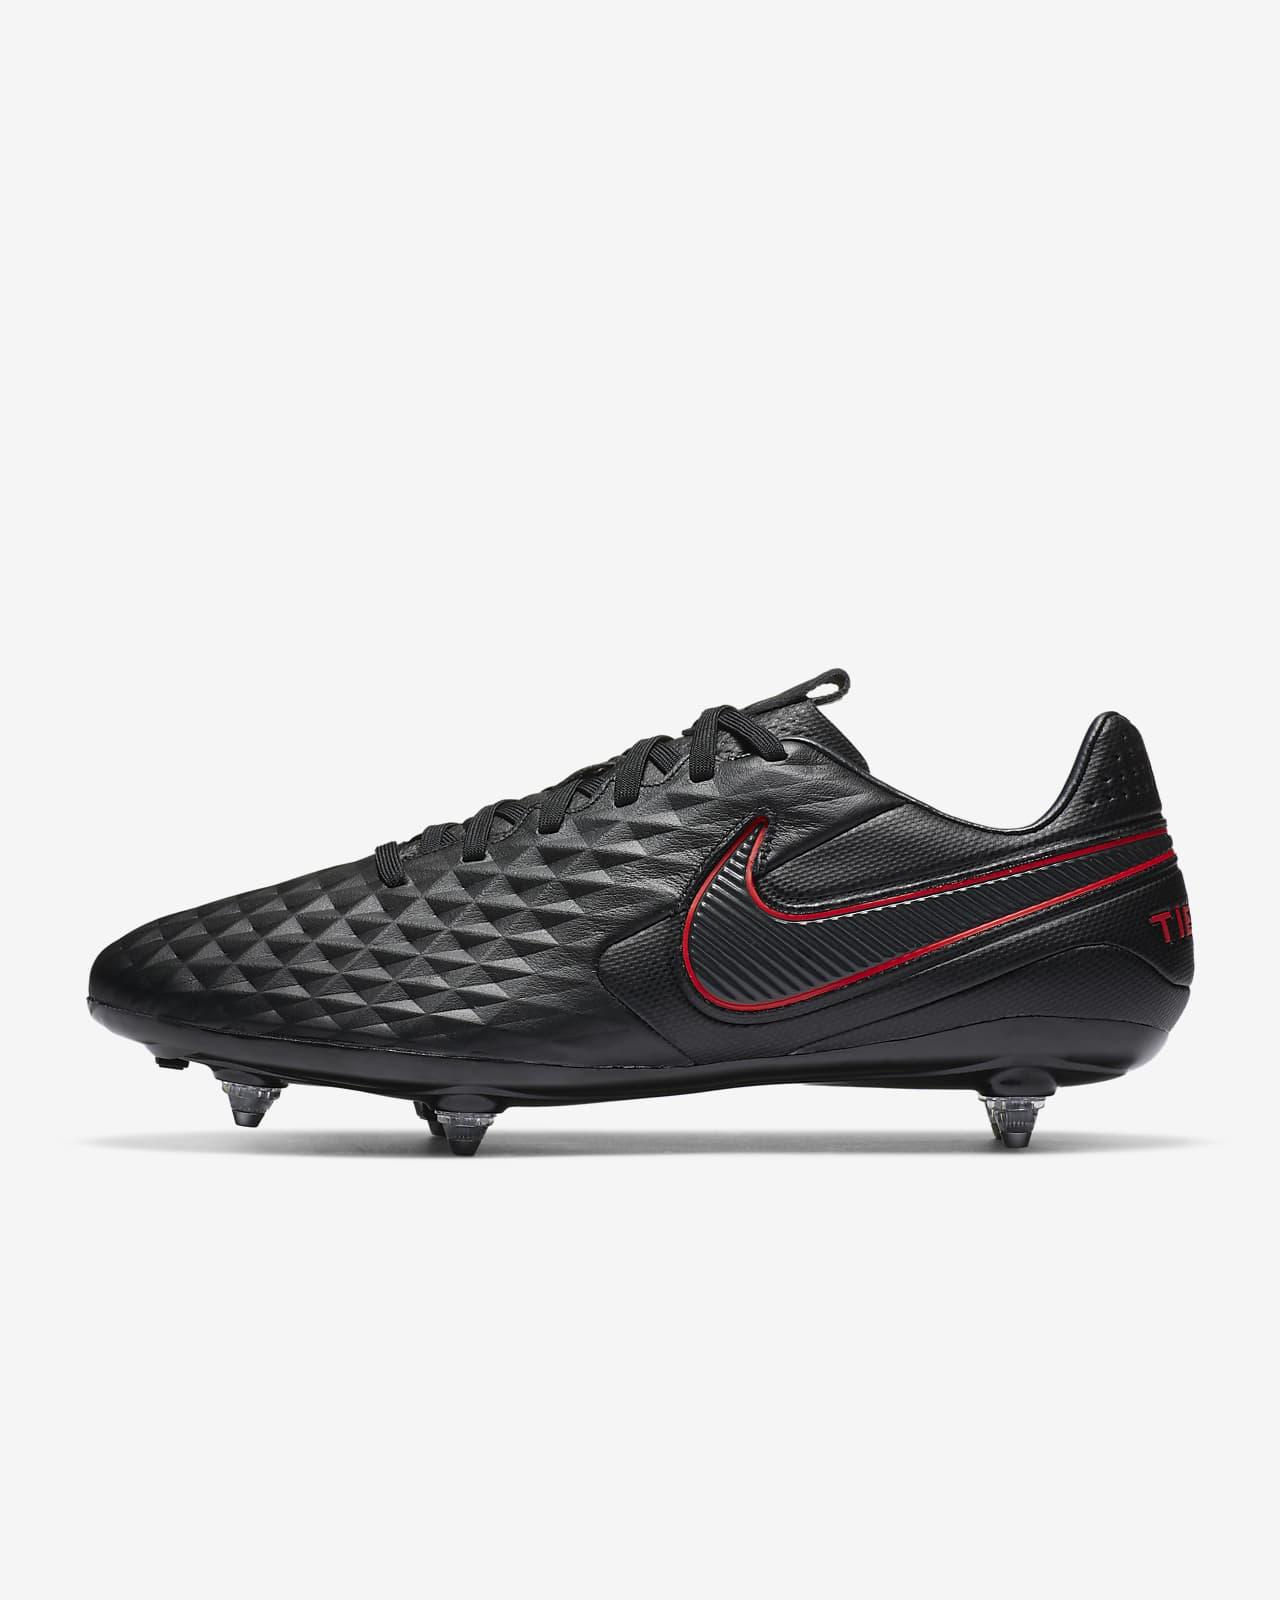 legendary football boots